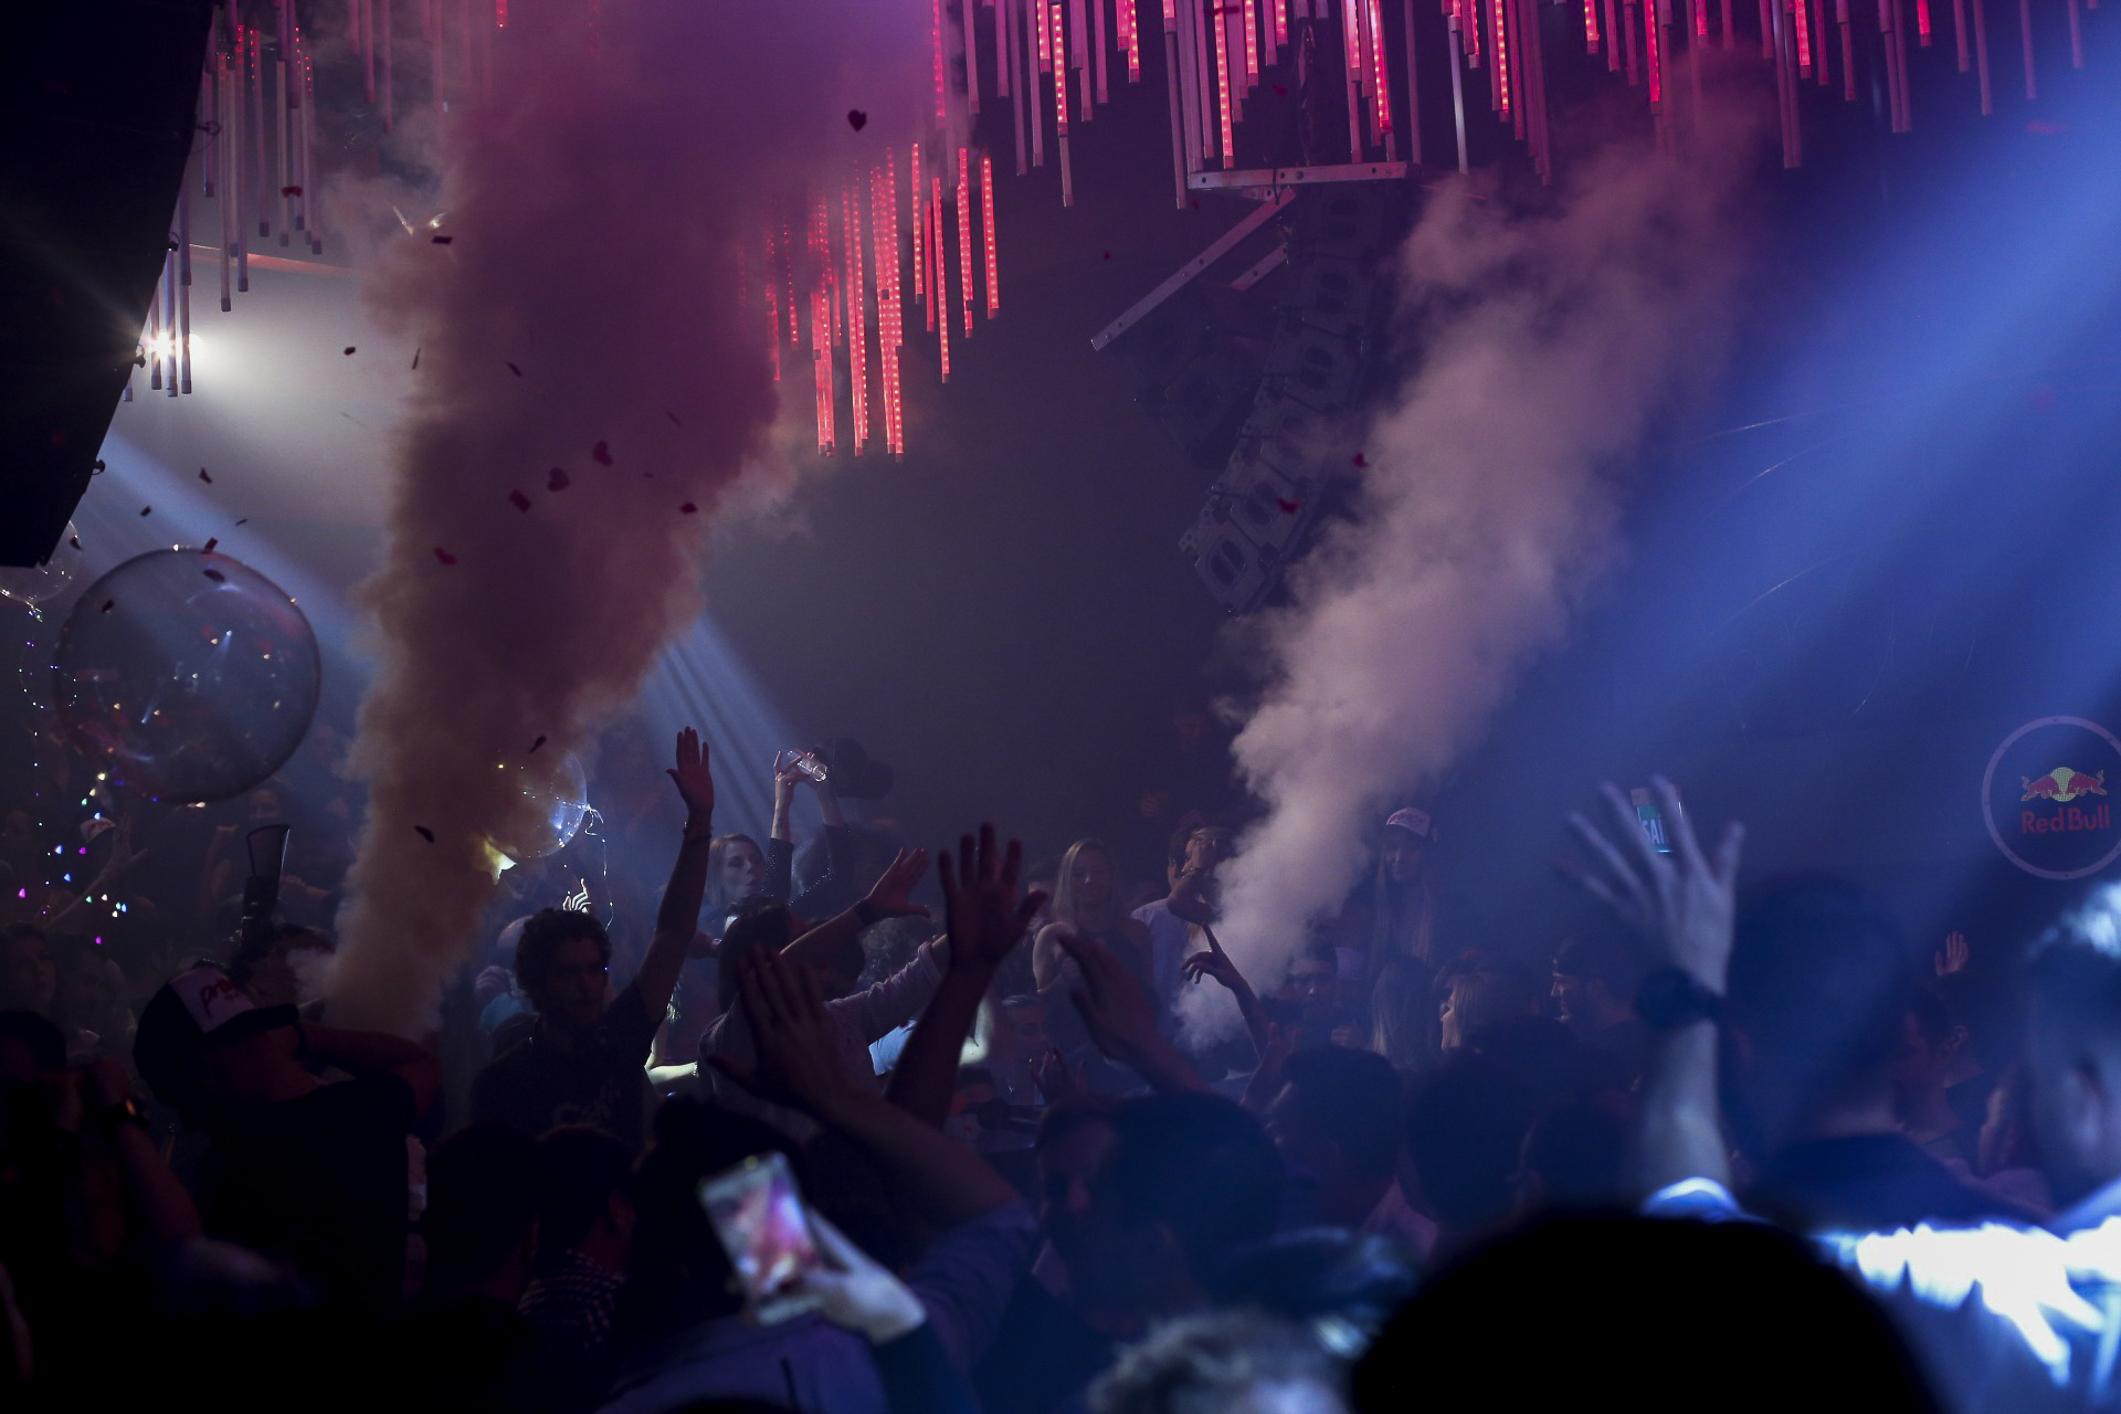 Provocateur. Ambiente noturno, escuro, luzes e fumaça. Vê-se as mãos das pessoas para cima, alguns rostos ao fundo.